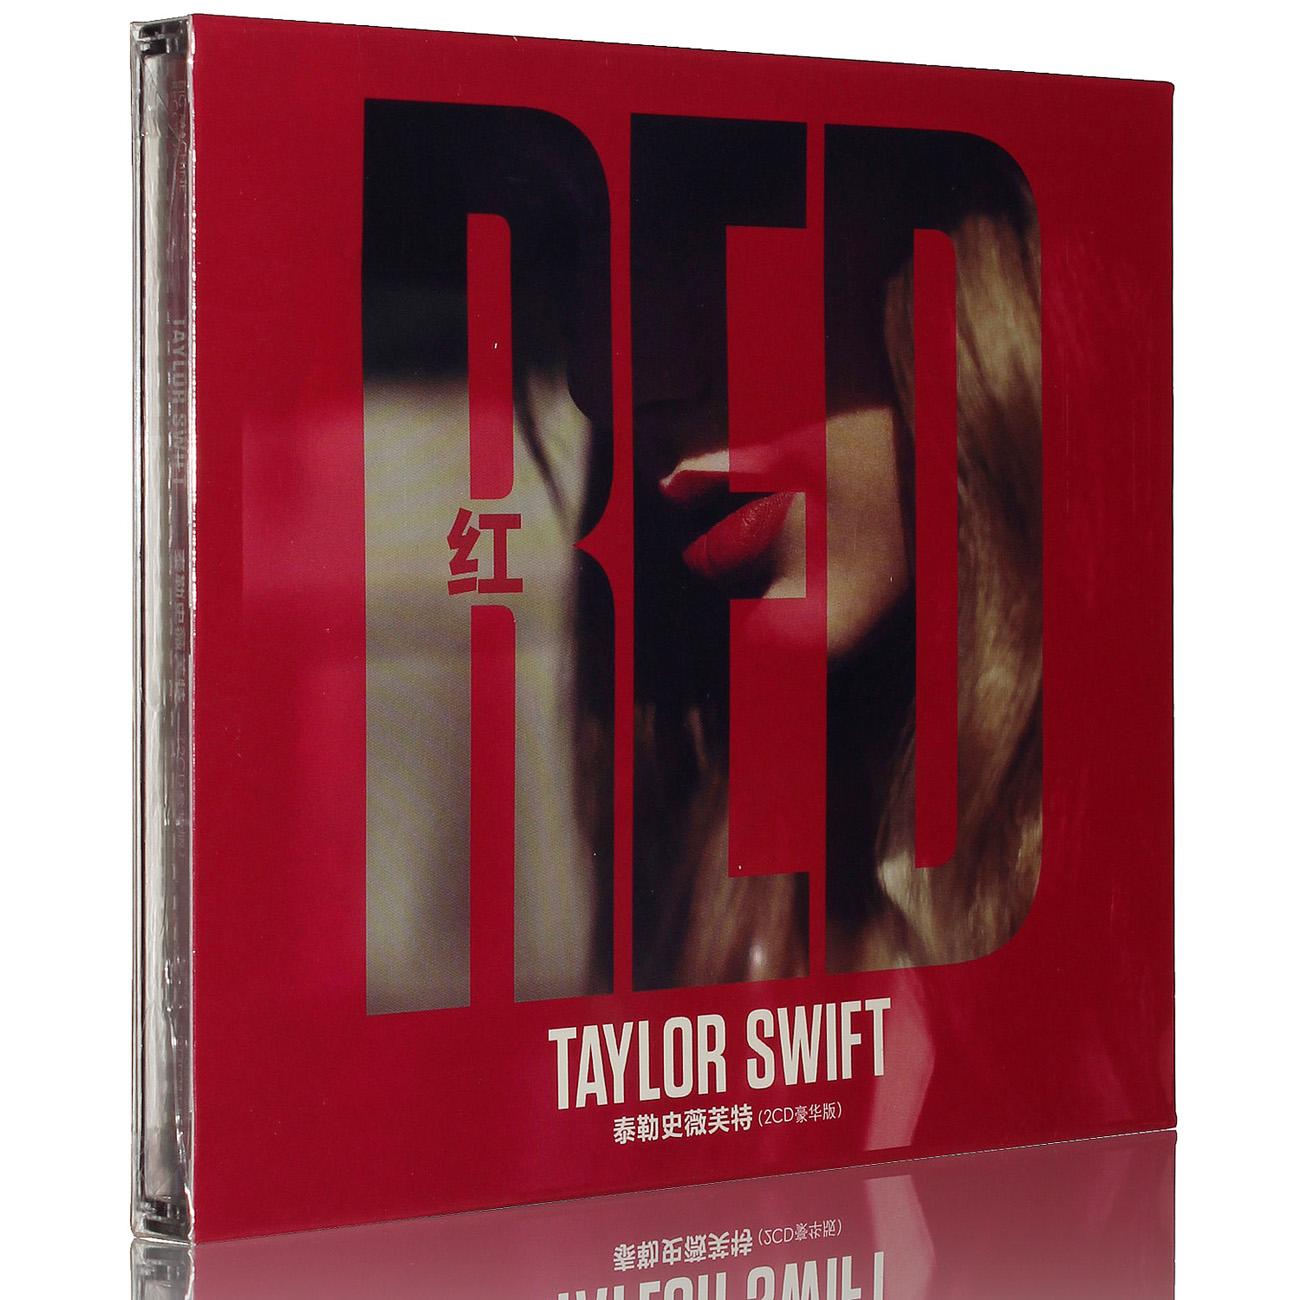 正版 霉霉 泰勒斯威夫特�]� taylor swift red 2CD+歌�~本 歌曲